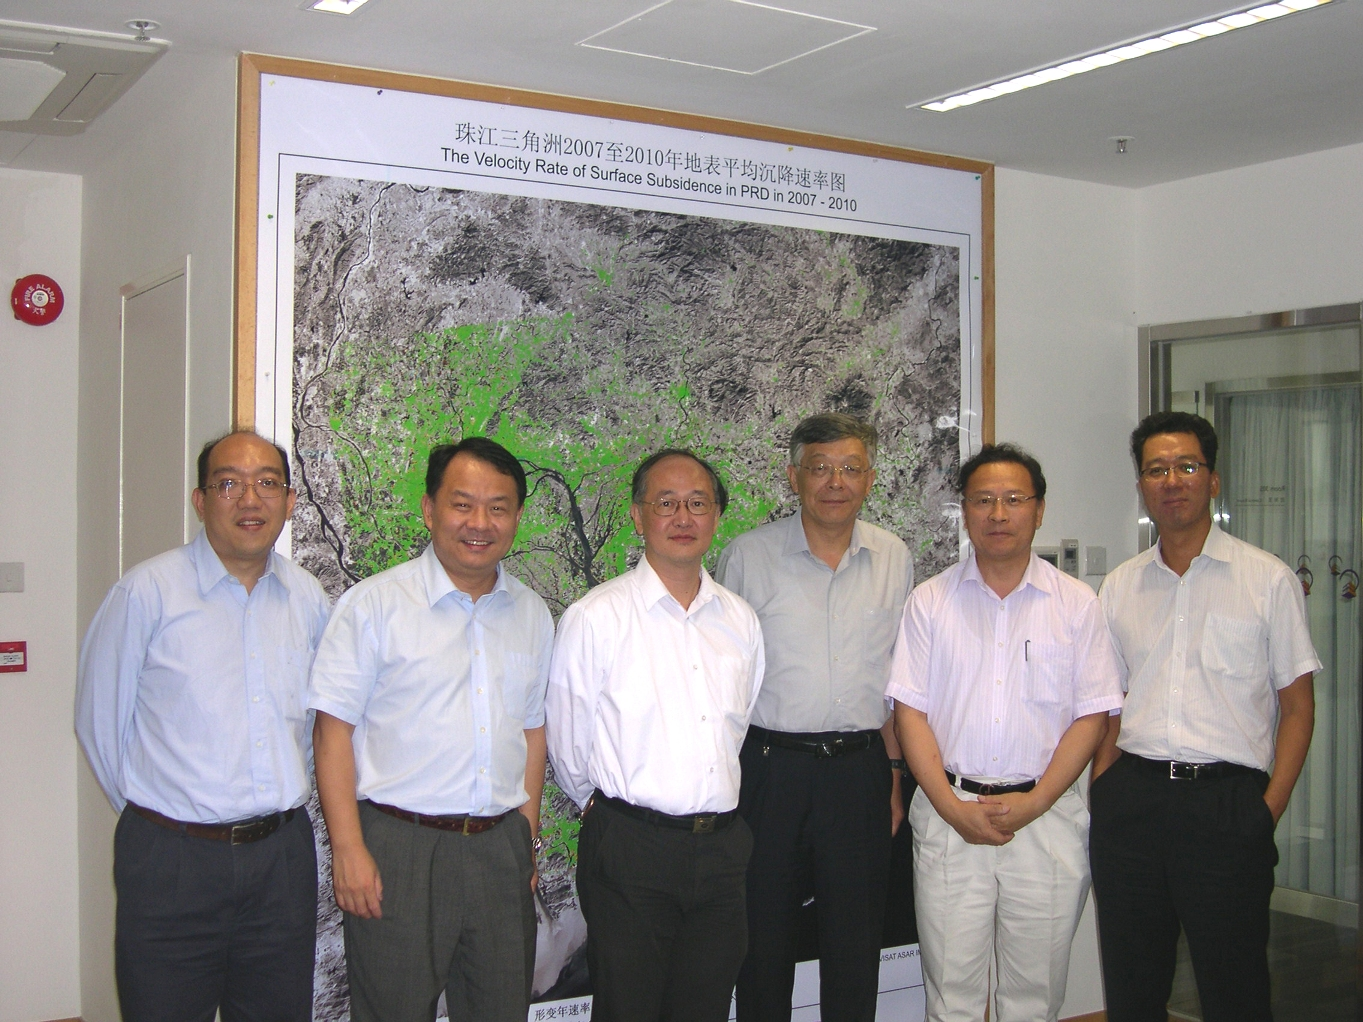 林琿教授(右二)在太空所接待王克然處長(左二)與聯合國亞太經社會訪問團